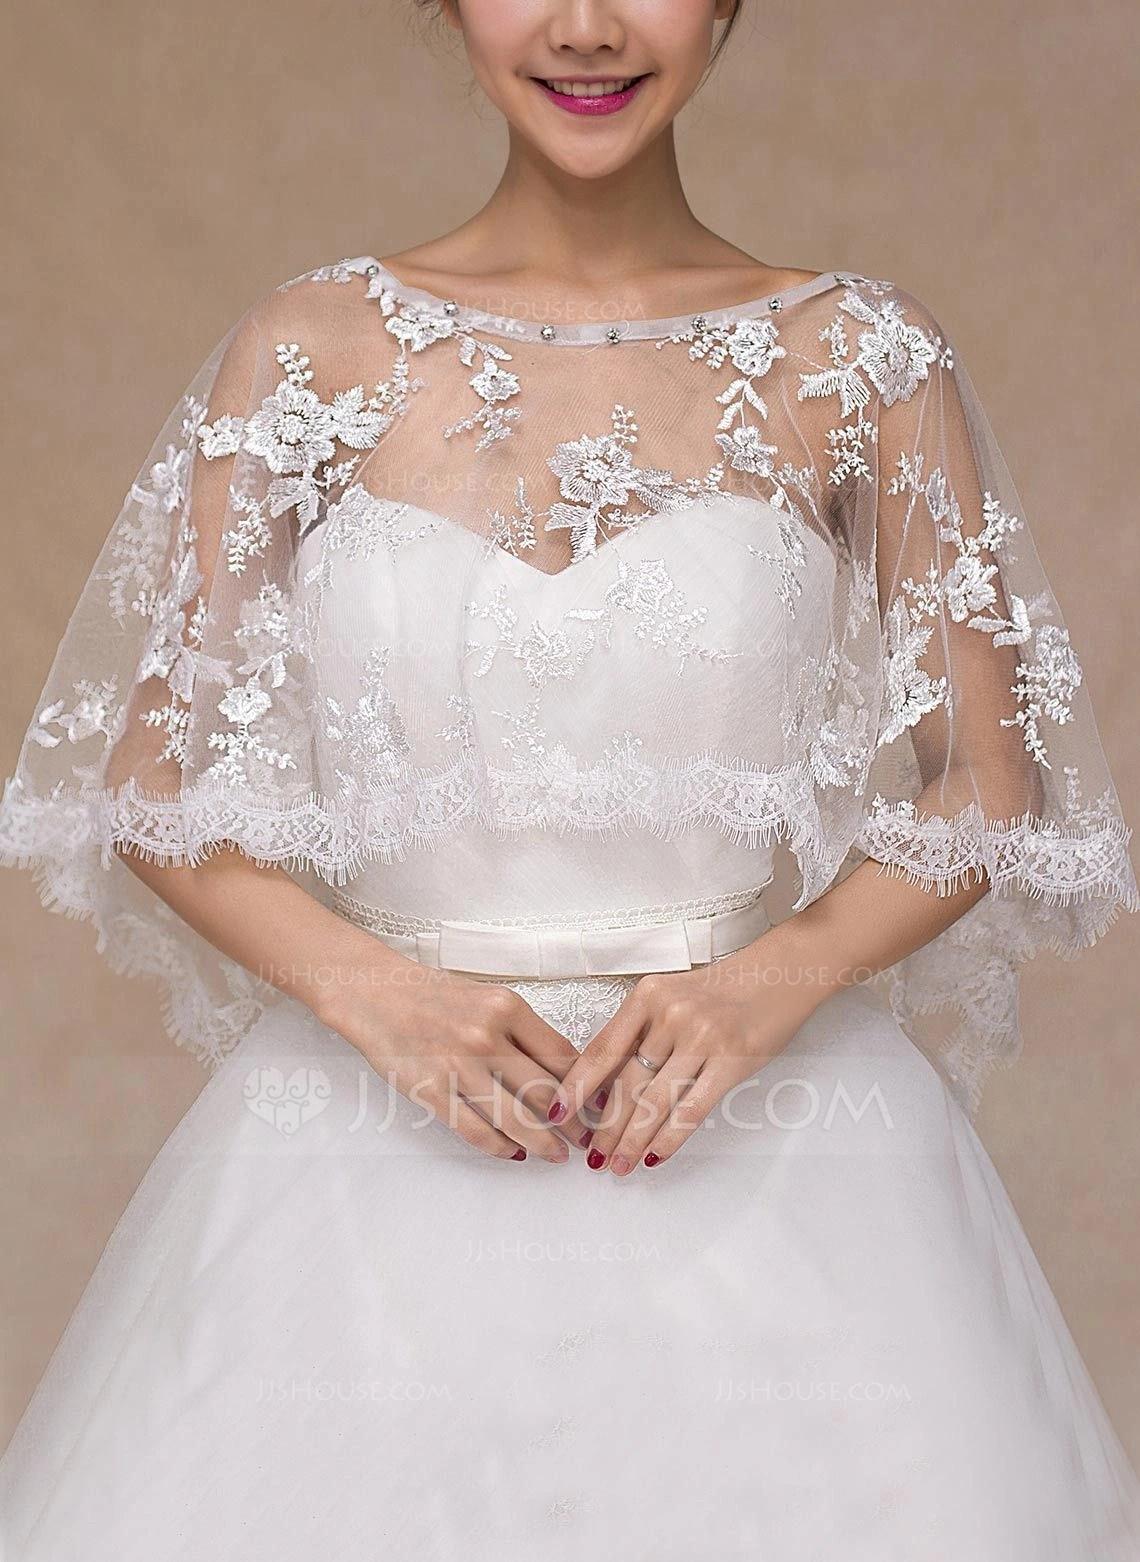 Lace Wedding Wrap 013101809 Wraps JJs House